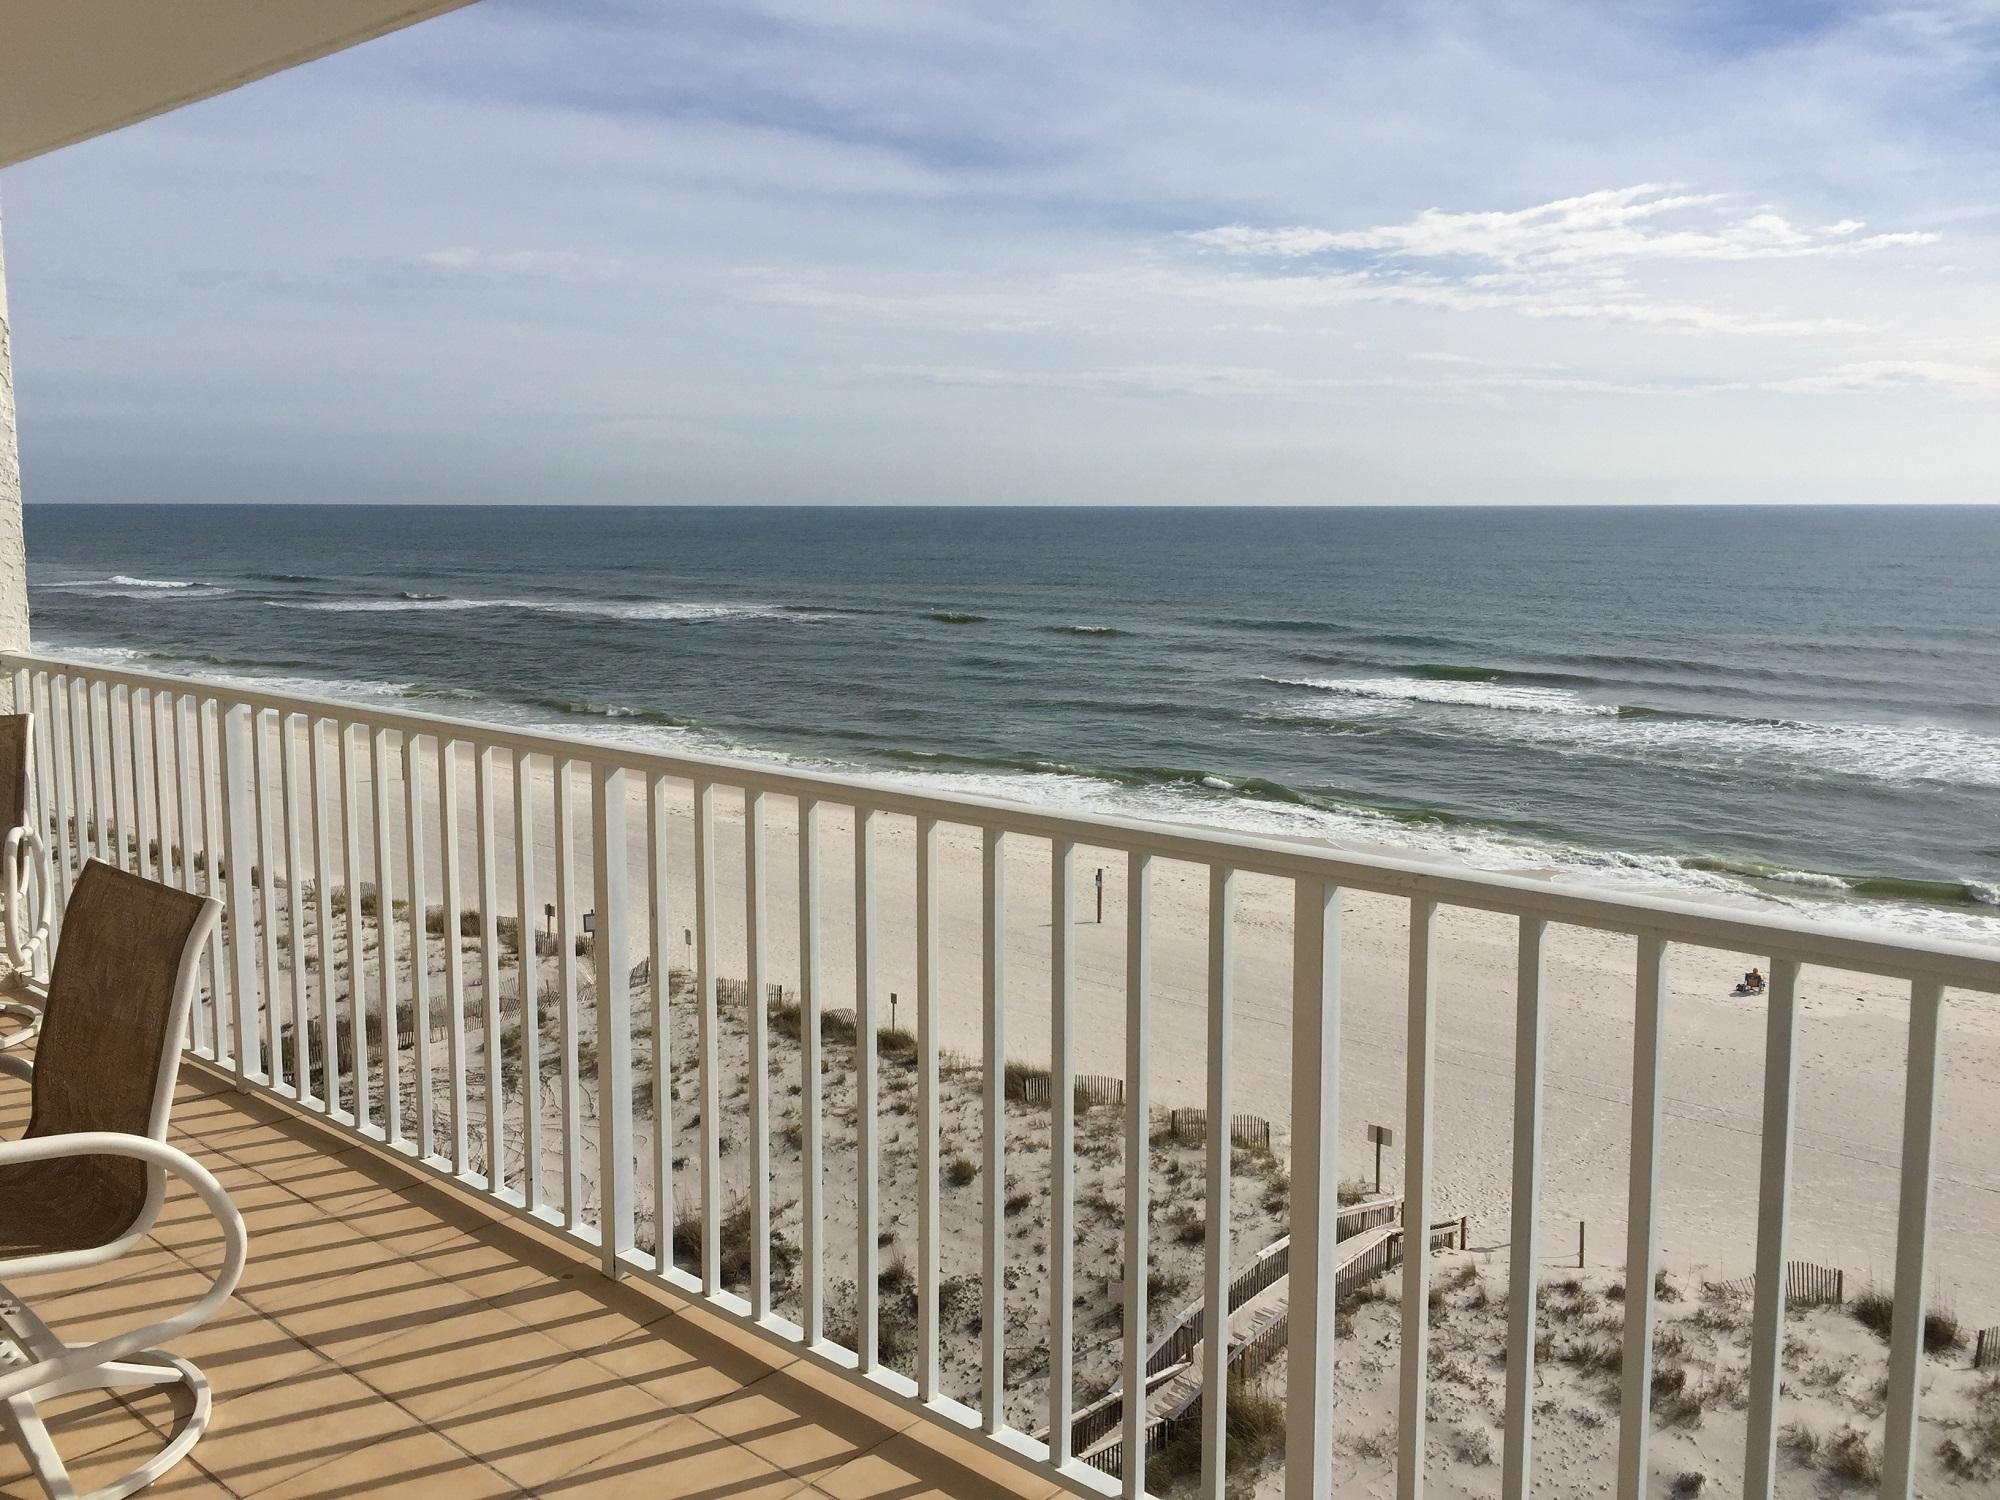 Ocean House 2706 Condo rental in Ocean House - Gulf Shores in Gulf Shores Alabama - #36